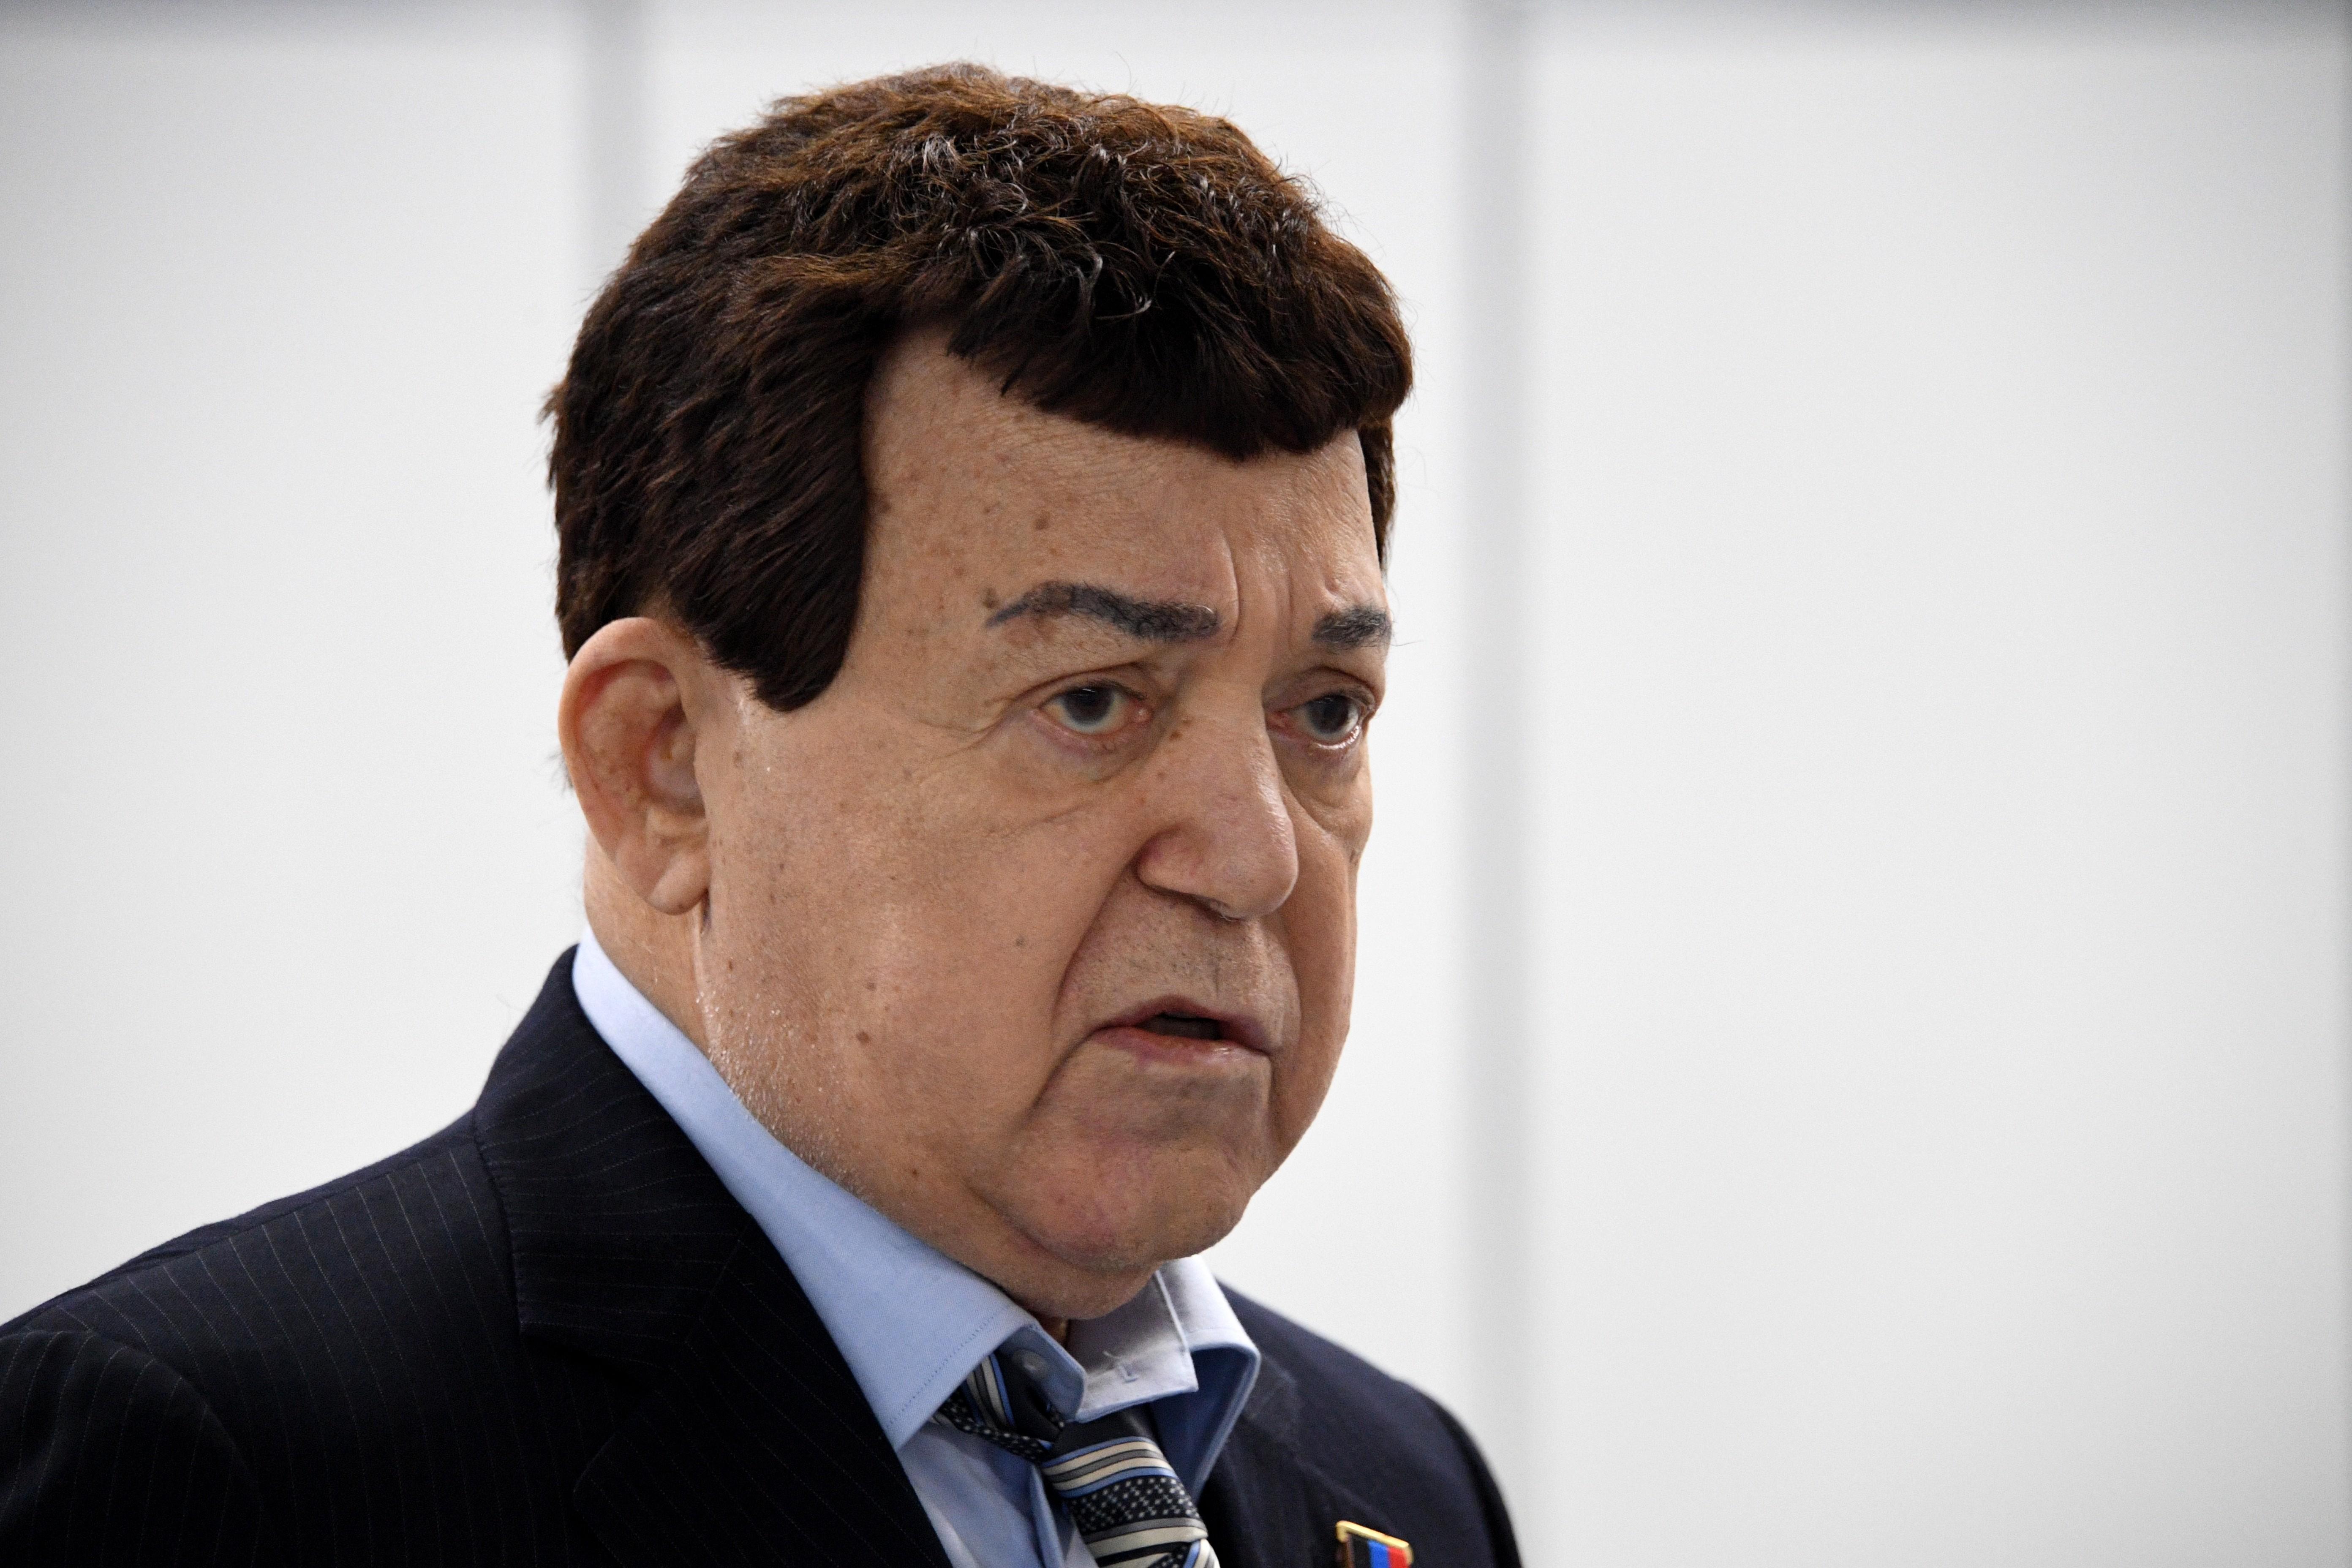 <p>Иосиф Кобзон. Фото: &copy; РИА Новости / Григорий Сысоев</p>